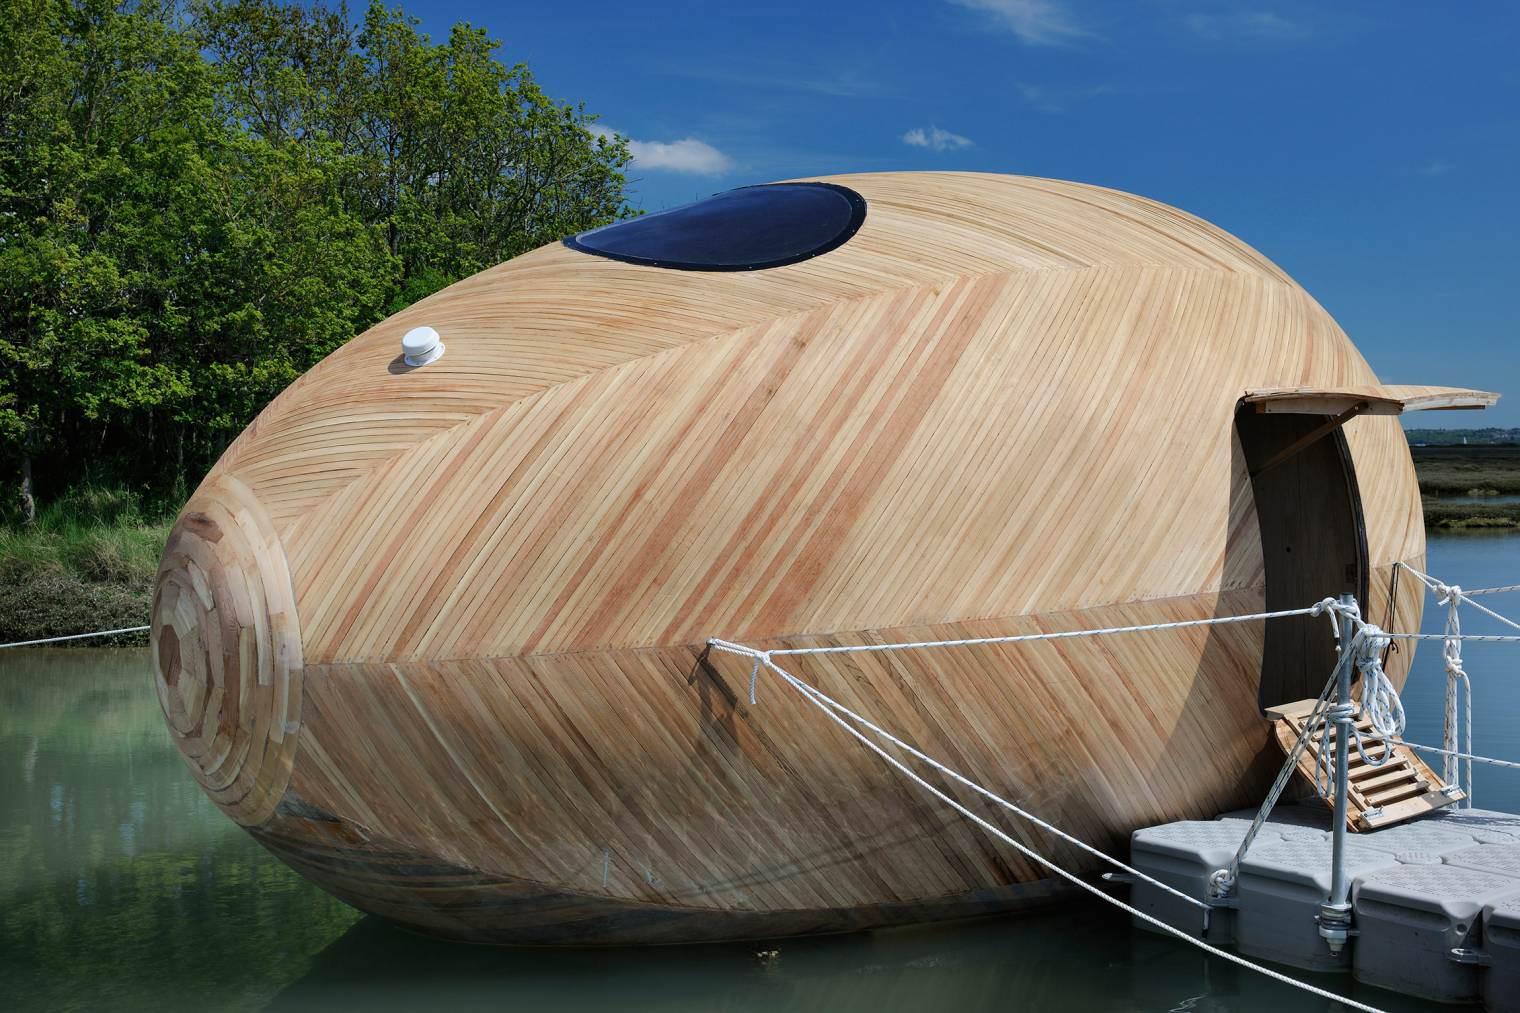 Uma casa ou um barco?